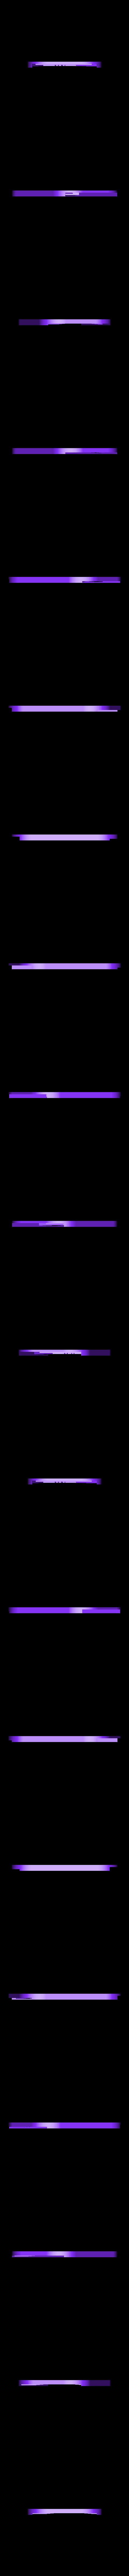 Mandoline.stl Télécharger fichier STL Petite Mandoline • Modèle imprimable en 3D, Nitsoh